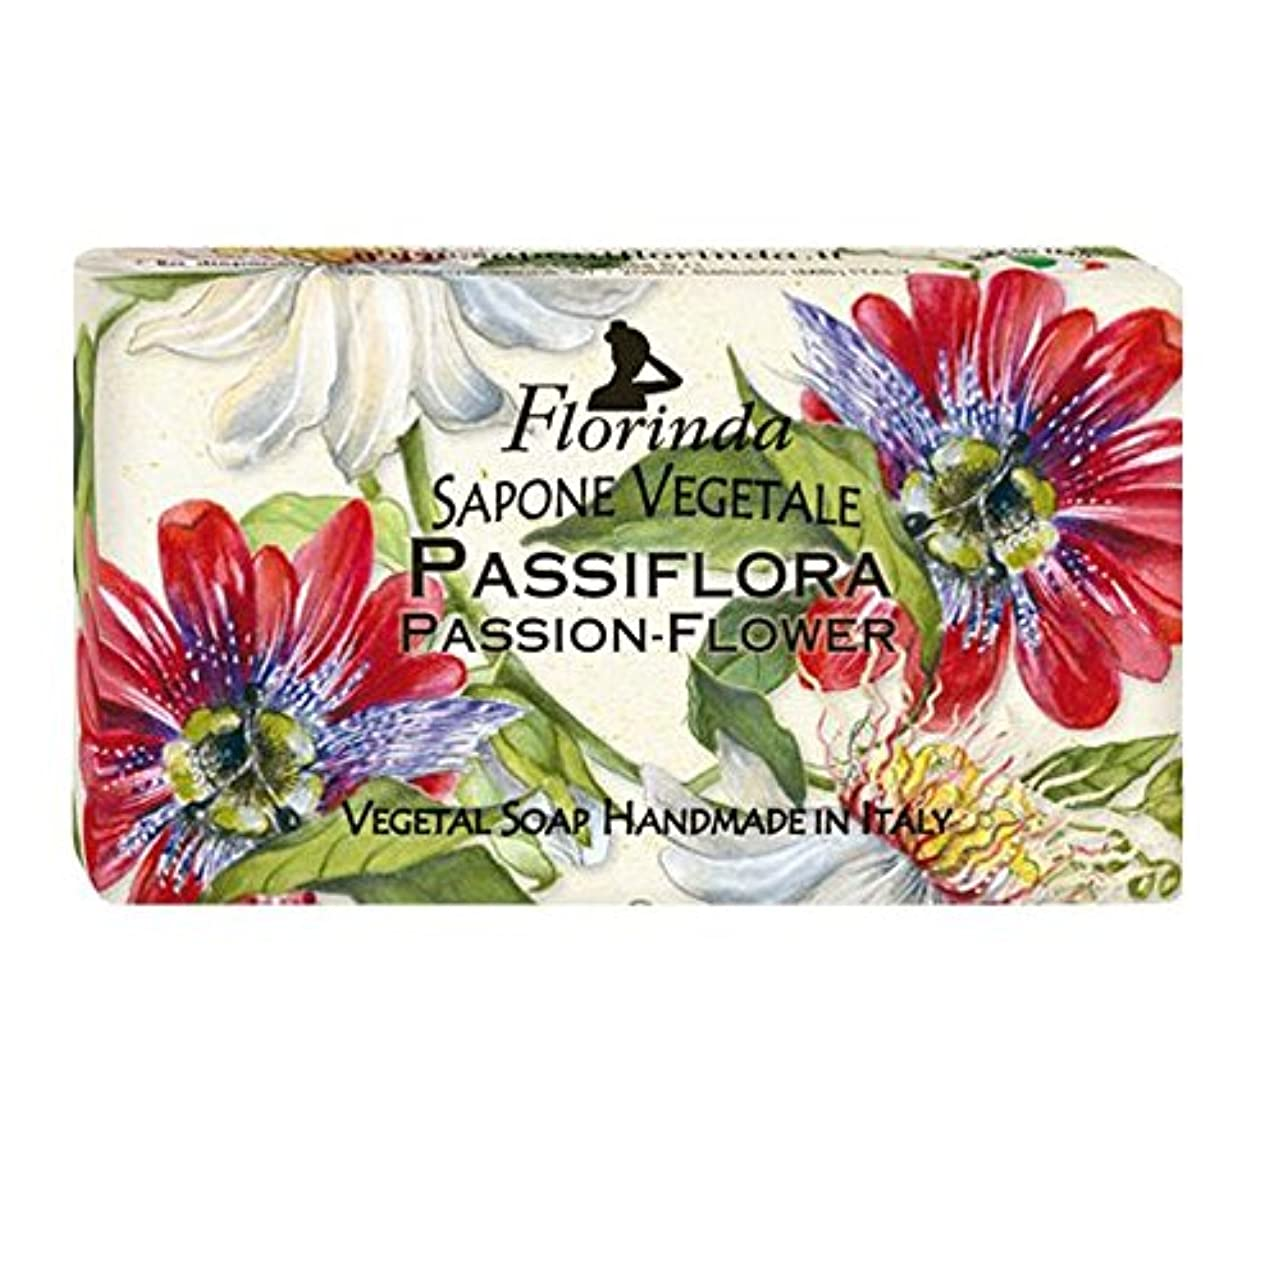 ゆるくブリーク持続的Florinda フロリンダ フレグランスソープ フローレンス パッションフラワー 100g [並行輸入品]